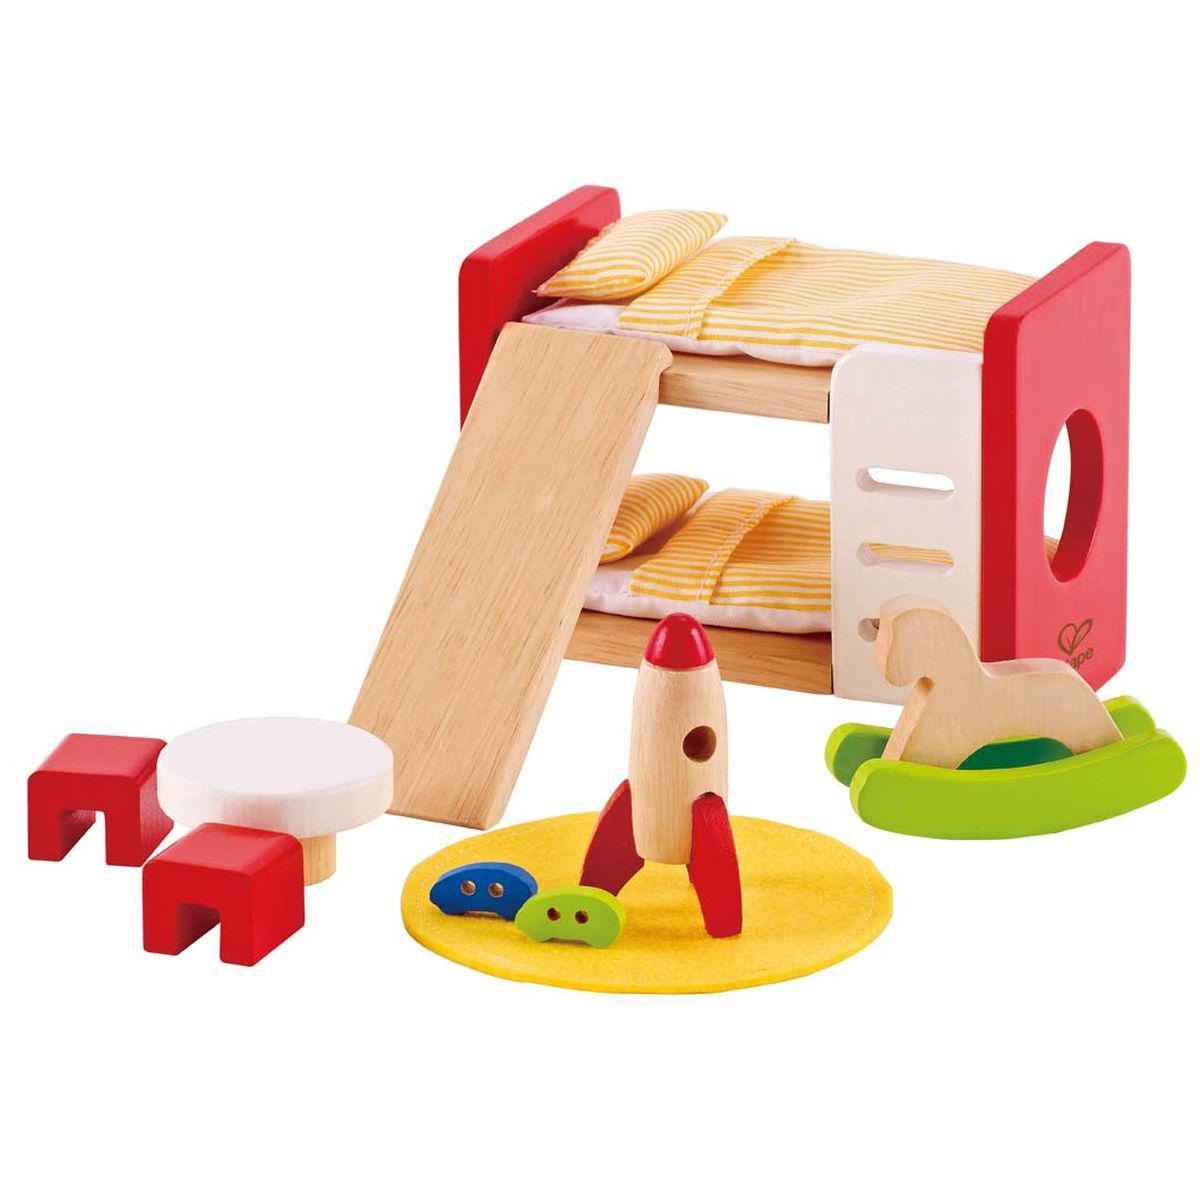 CHILDREN'S ROOM by Hape chambre d'enfant pour maison en bois